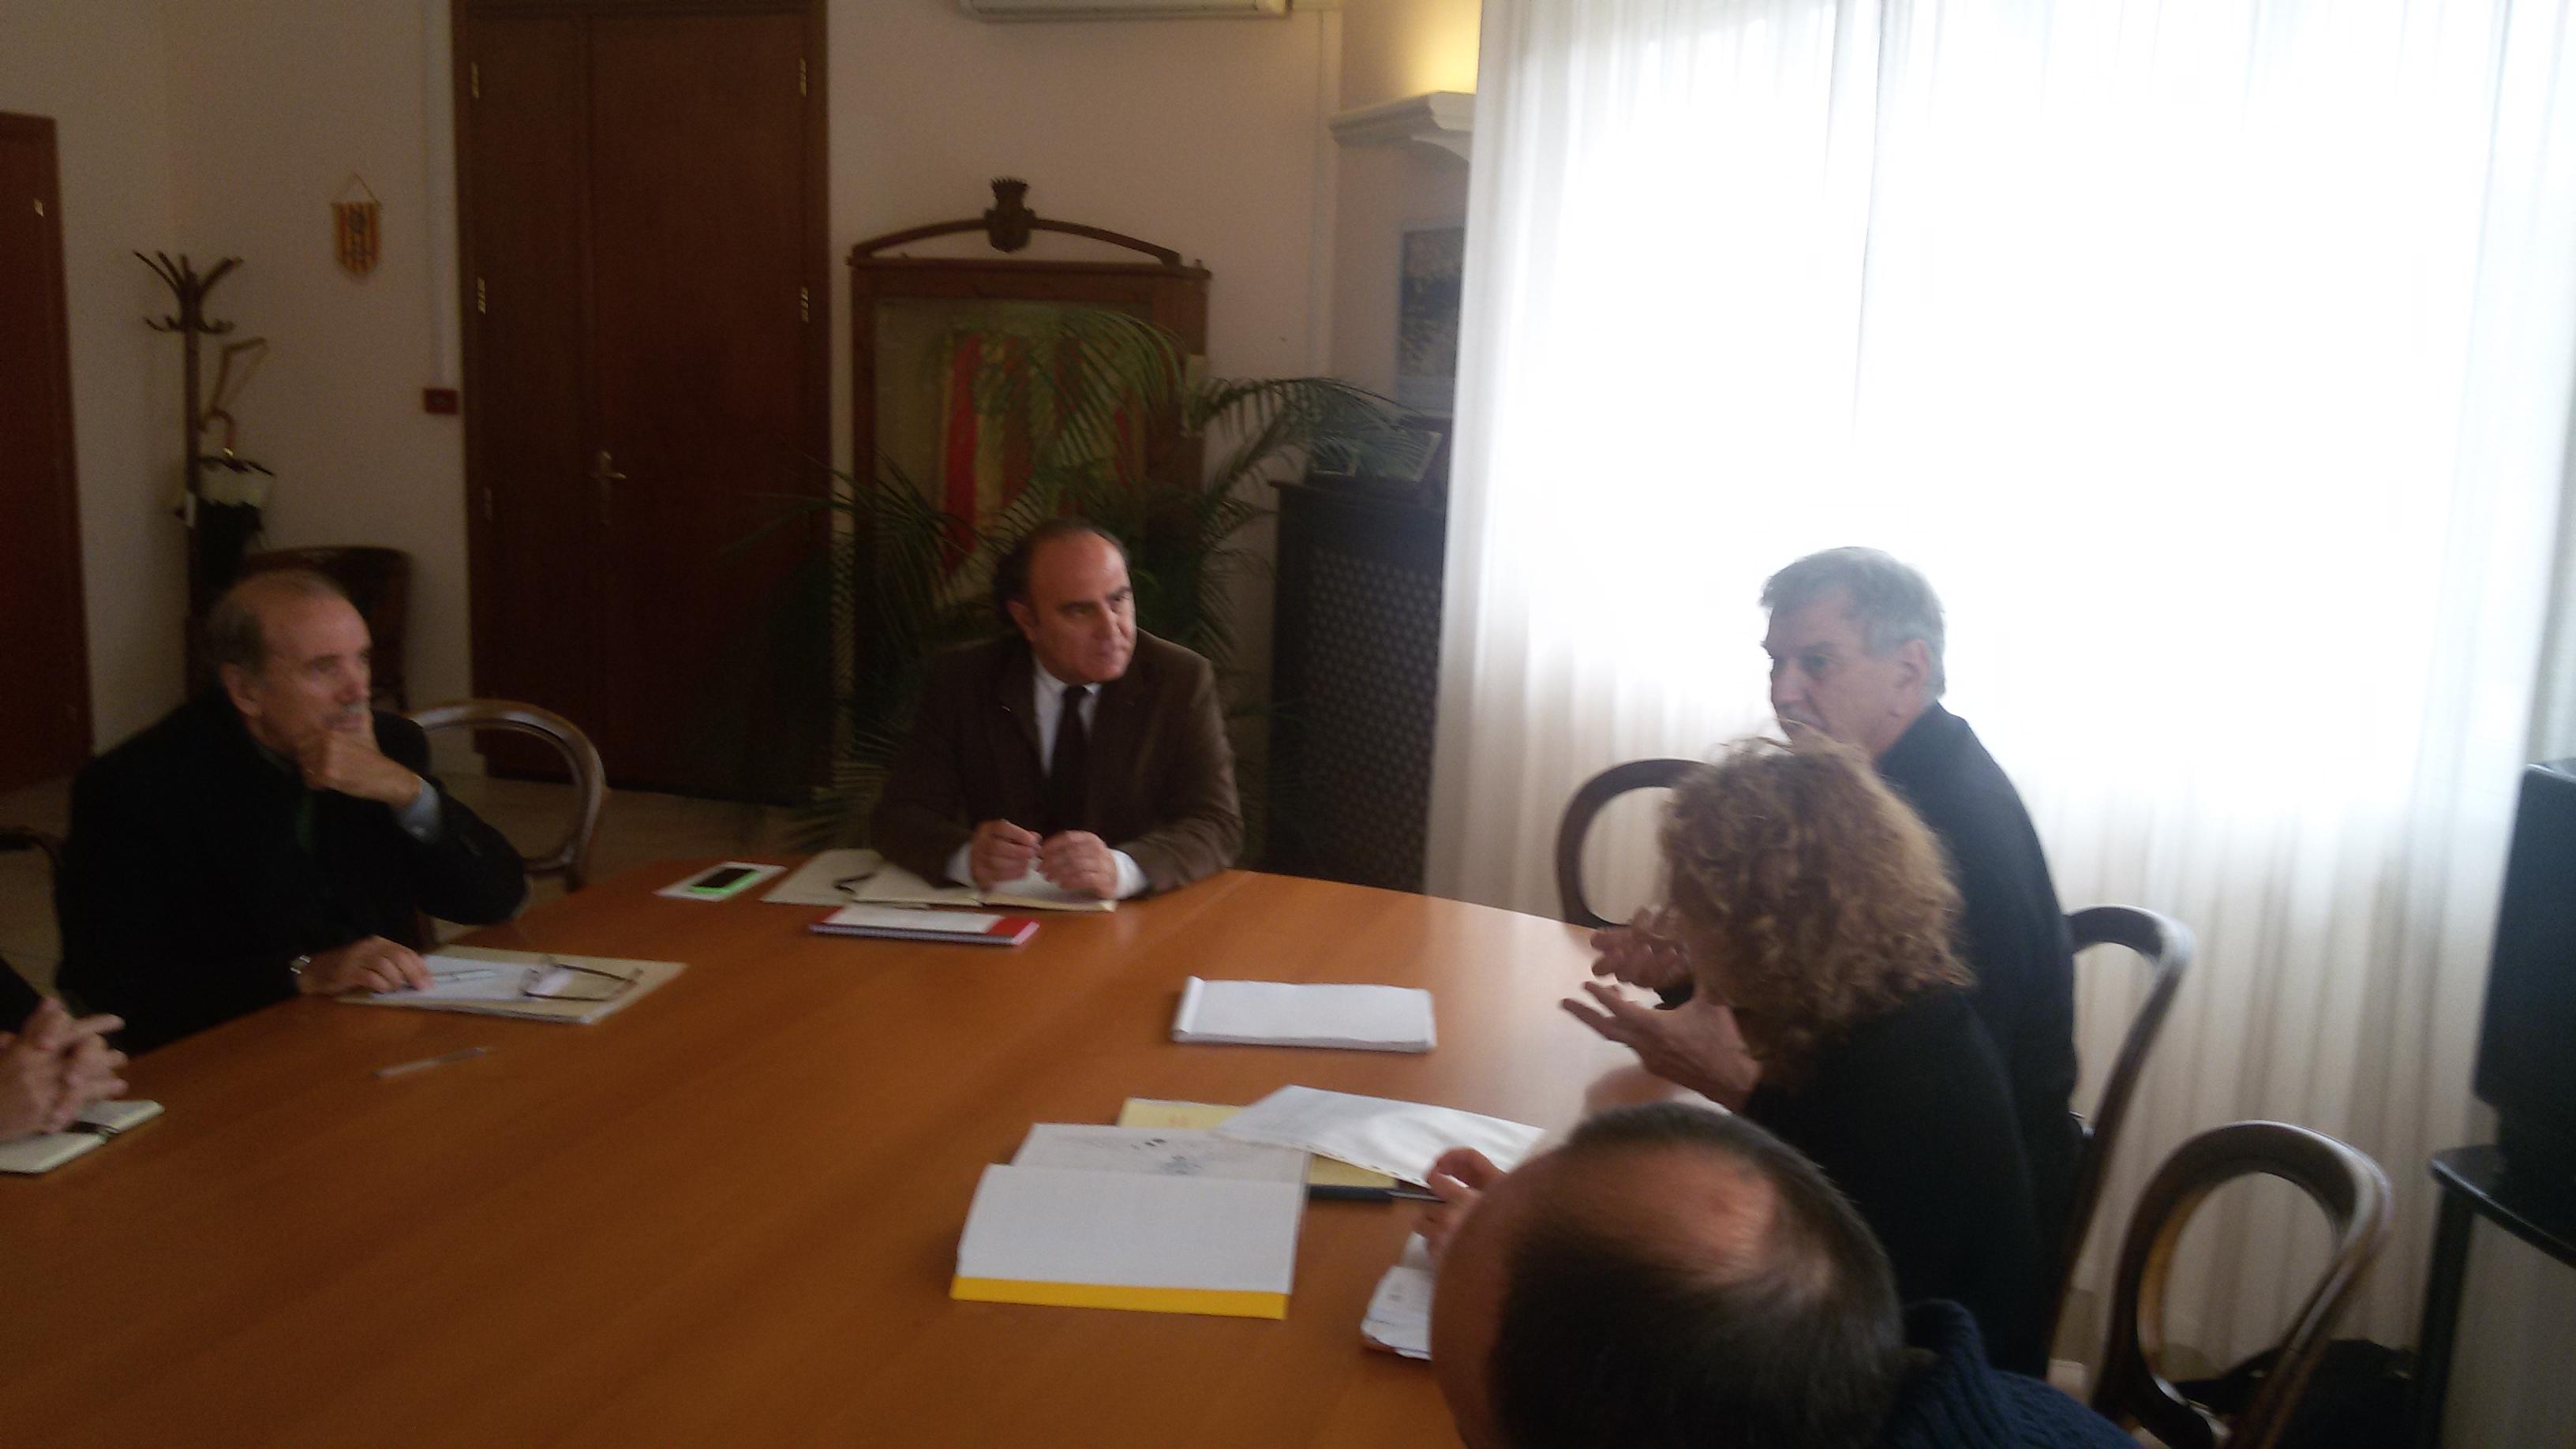 Ieri a Sant'Anna il sindaco Mario Bruno ha incontrato Willi Hüsler esperto in materia di programmazione urbanistica.